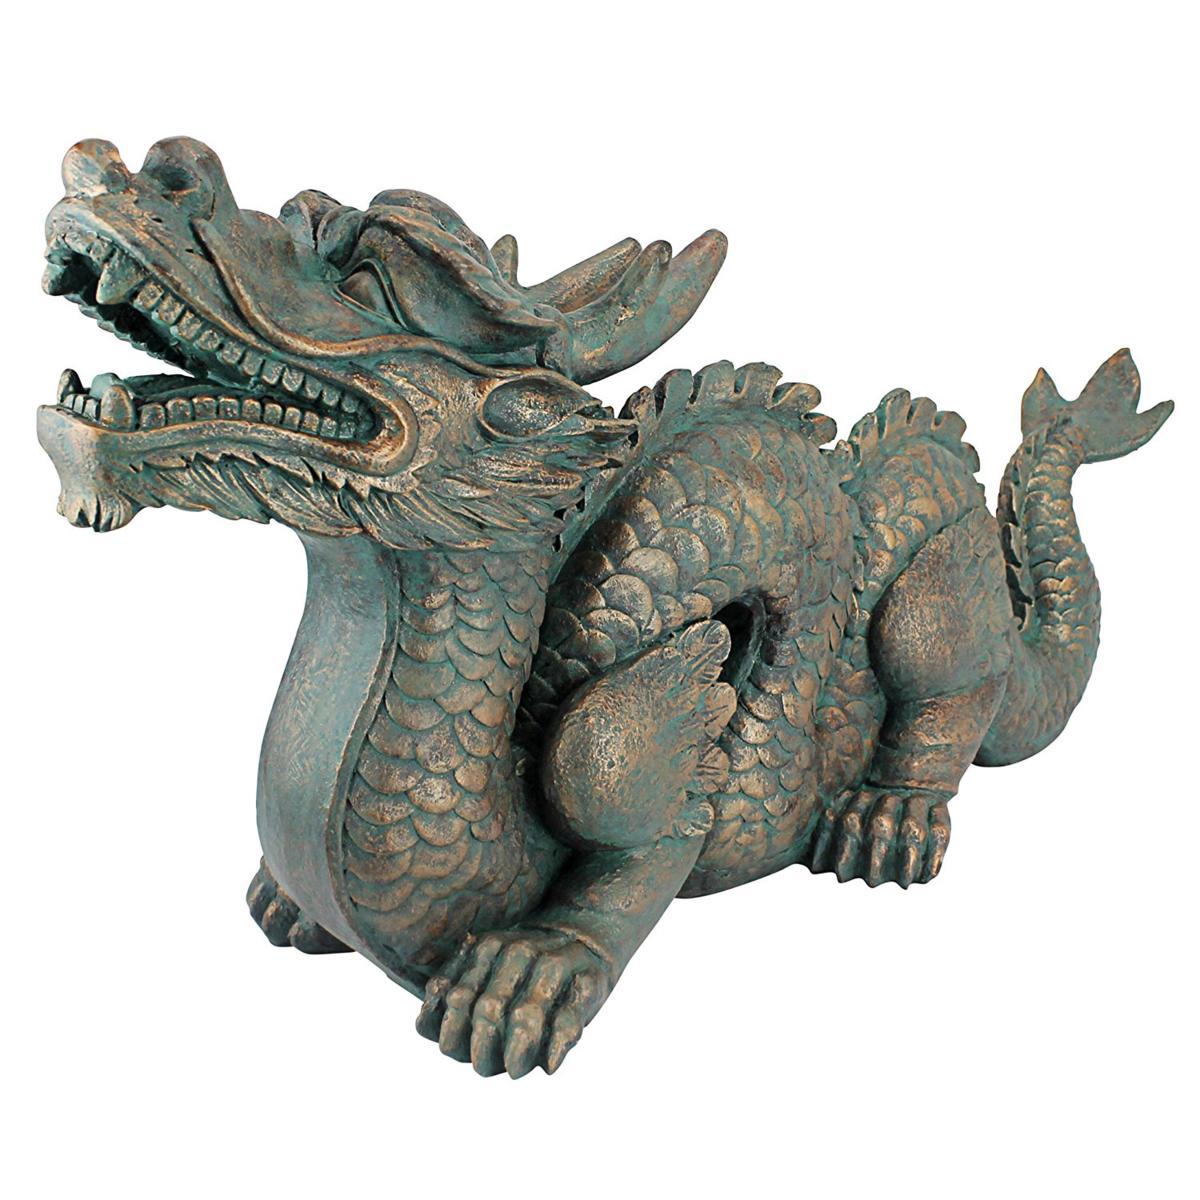 デザイン・トスカノ製 万里の長城のアジアン・ドラゴン(龍) 緑青風仕上げ 彫像 彫刻 / Asian Dragon of the Great Wall Statue(輸入品)